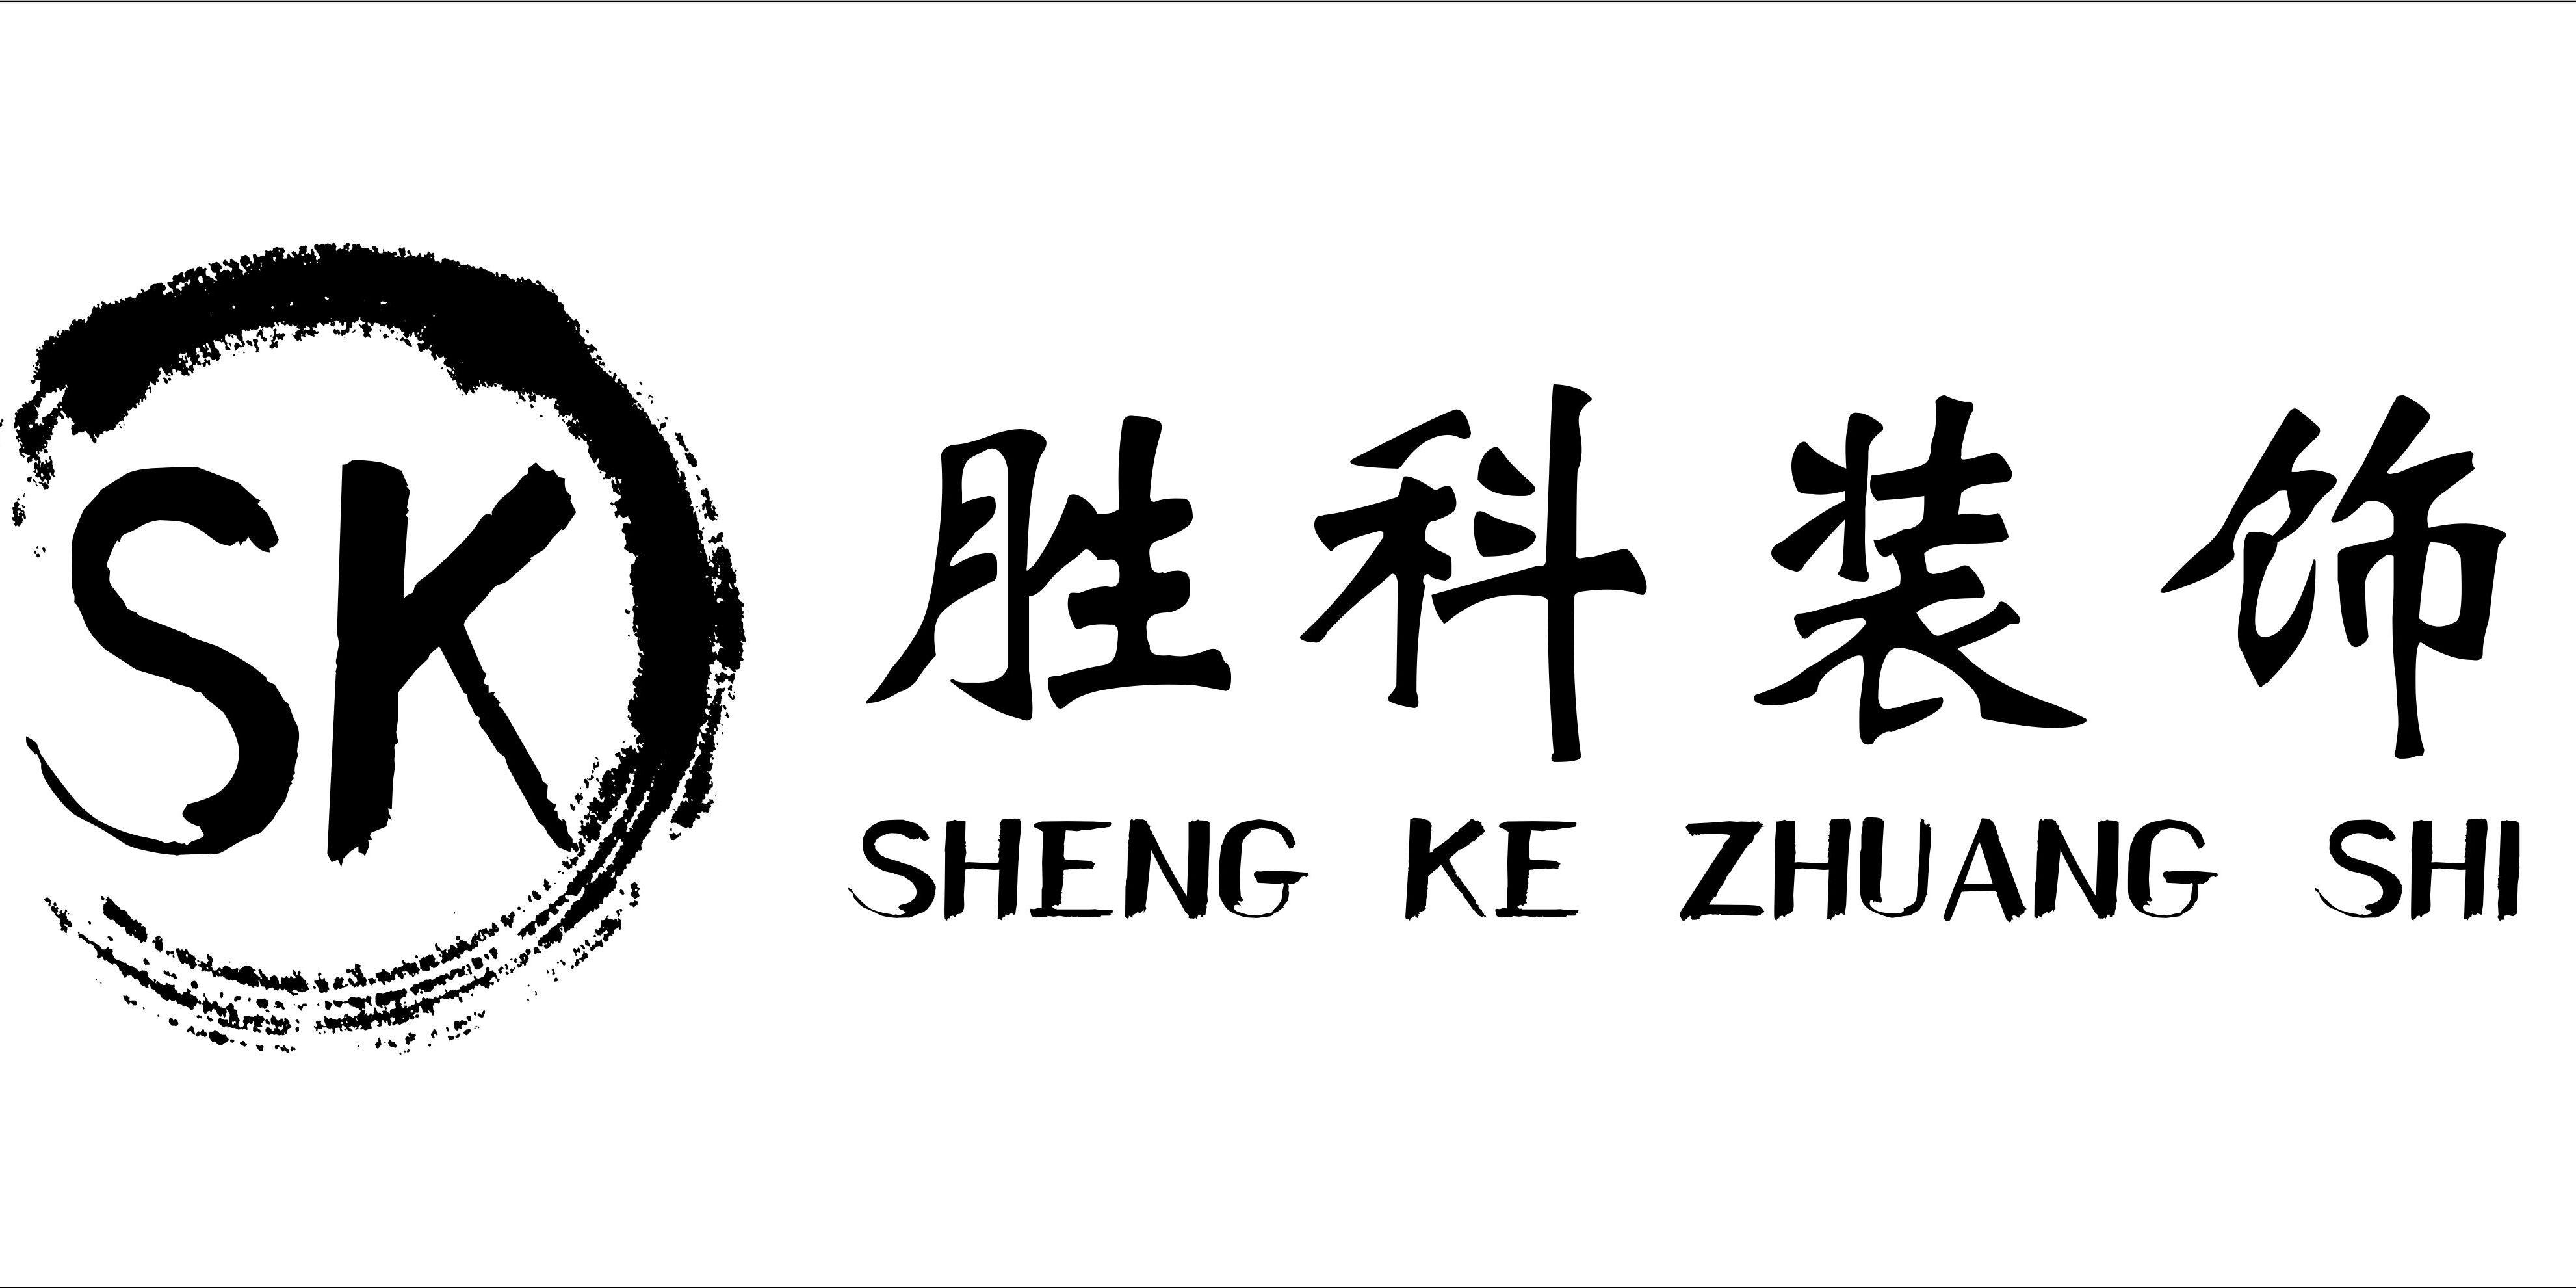 宁波巿鄞州胜科装饰工程有限公司